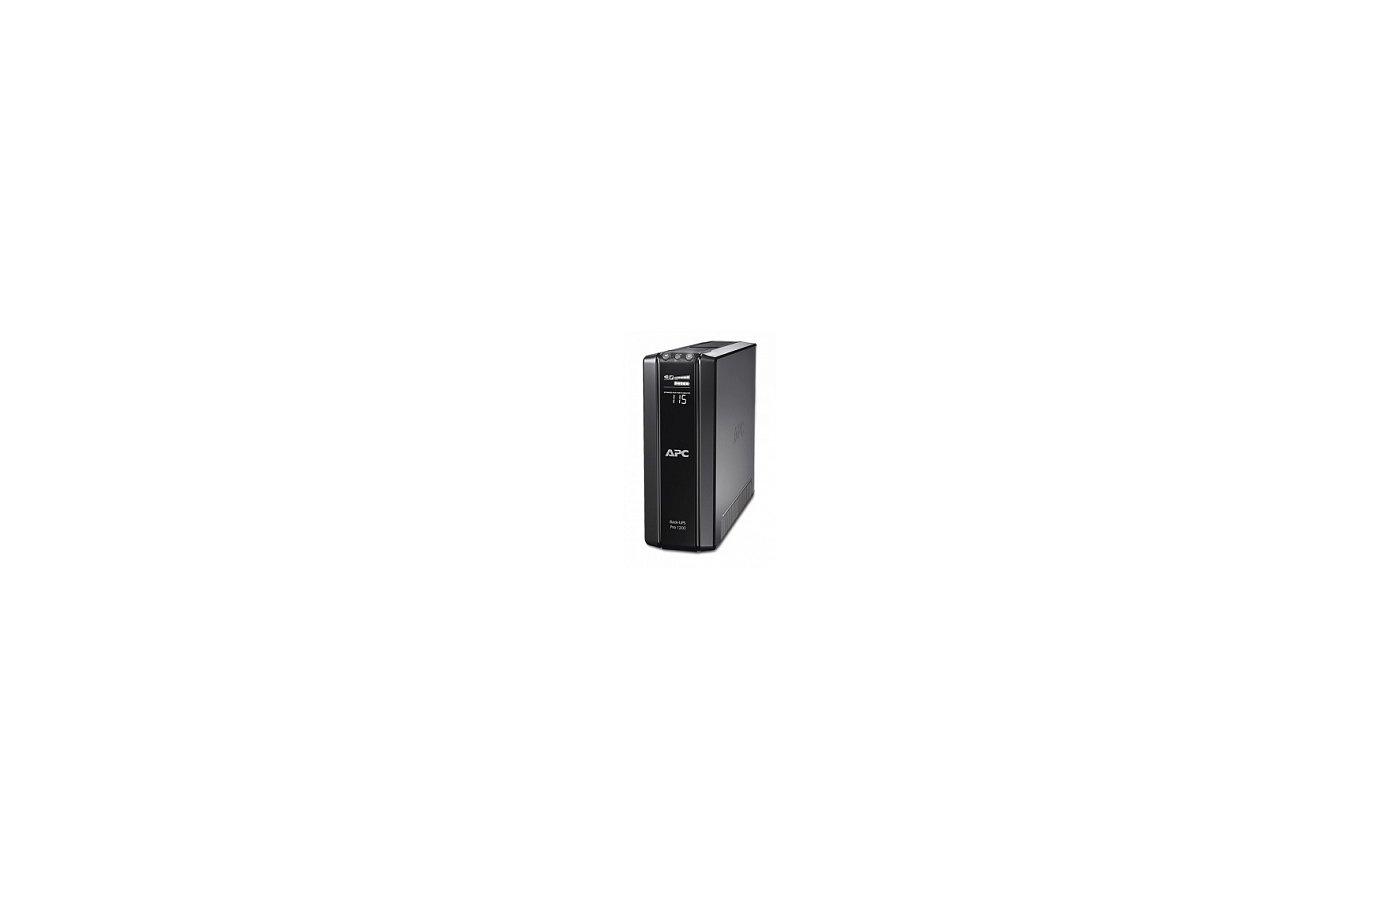 Блок питания APC Back-UPS Pro 1200 BR1200GI 230V